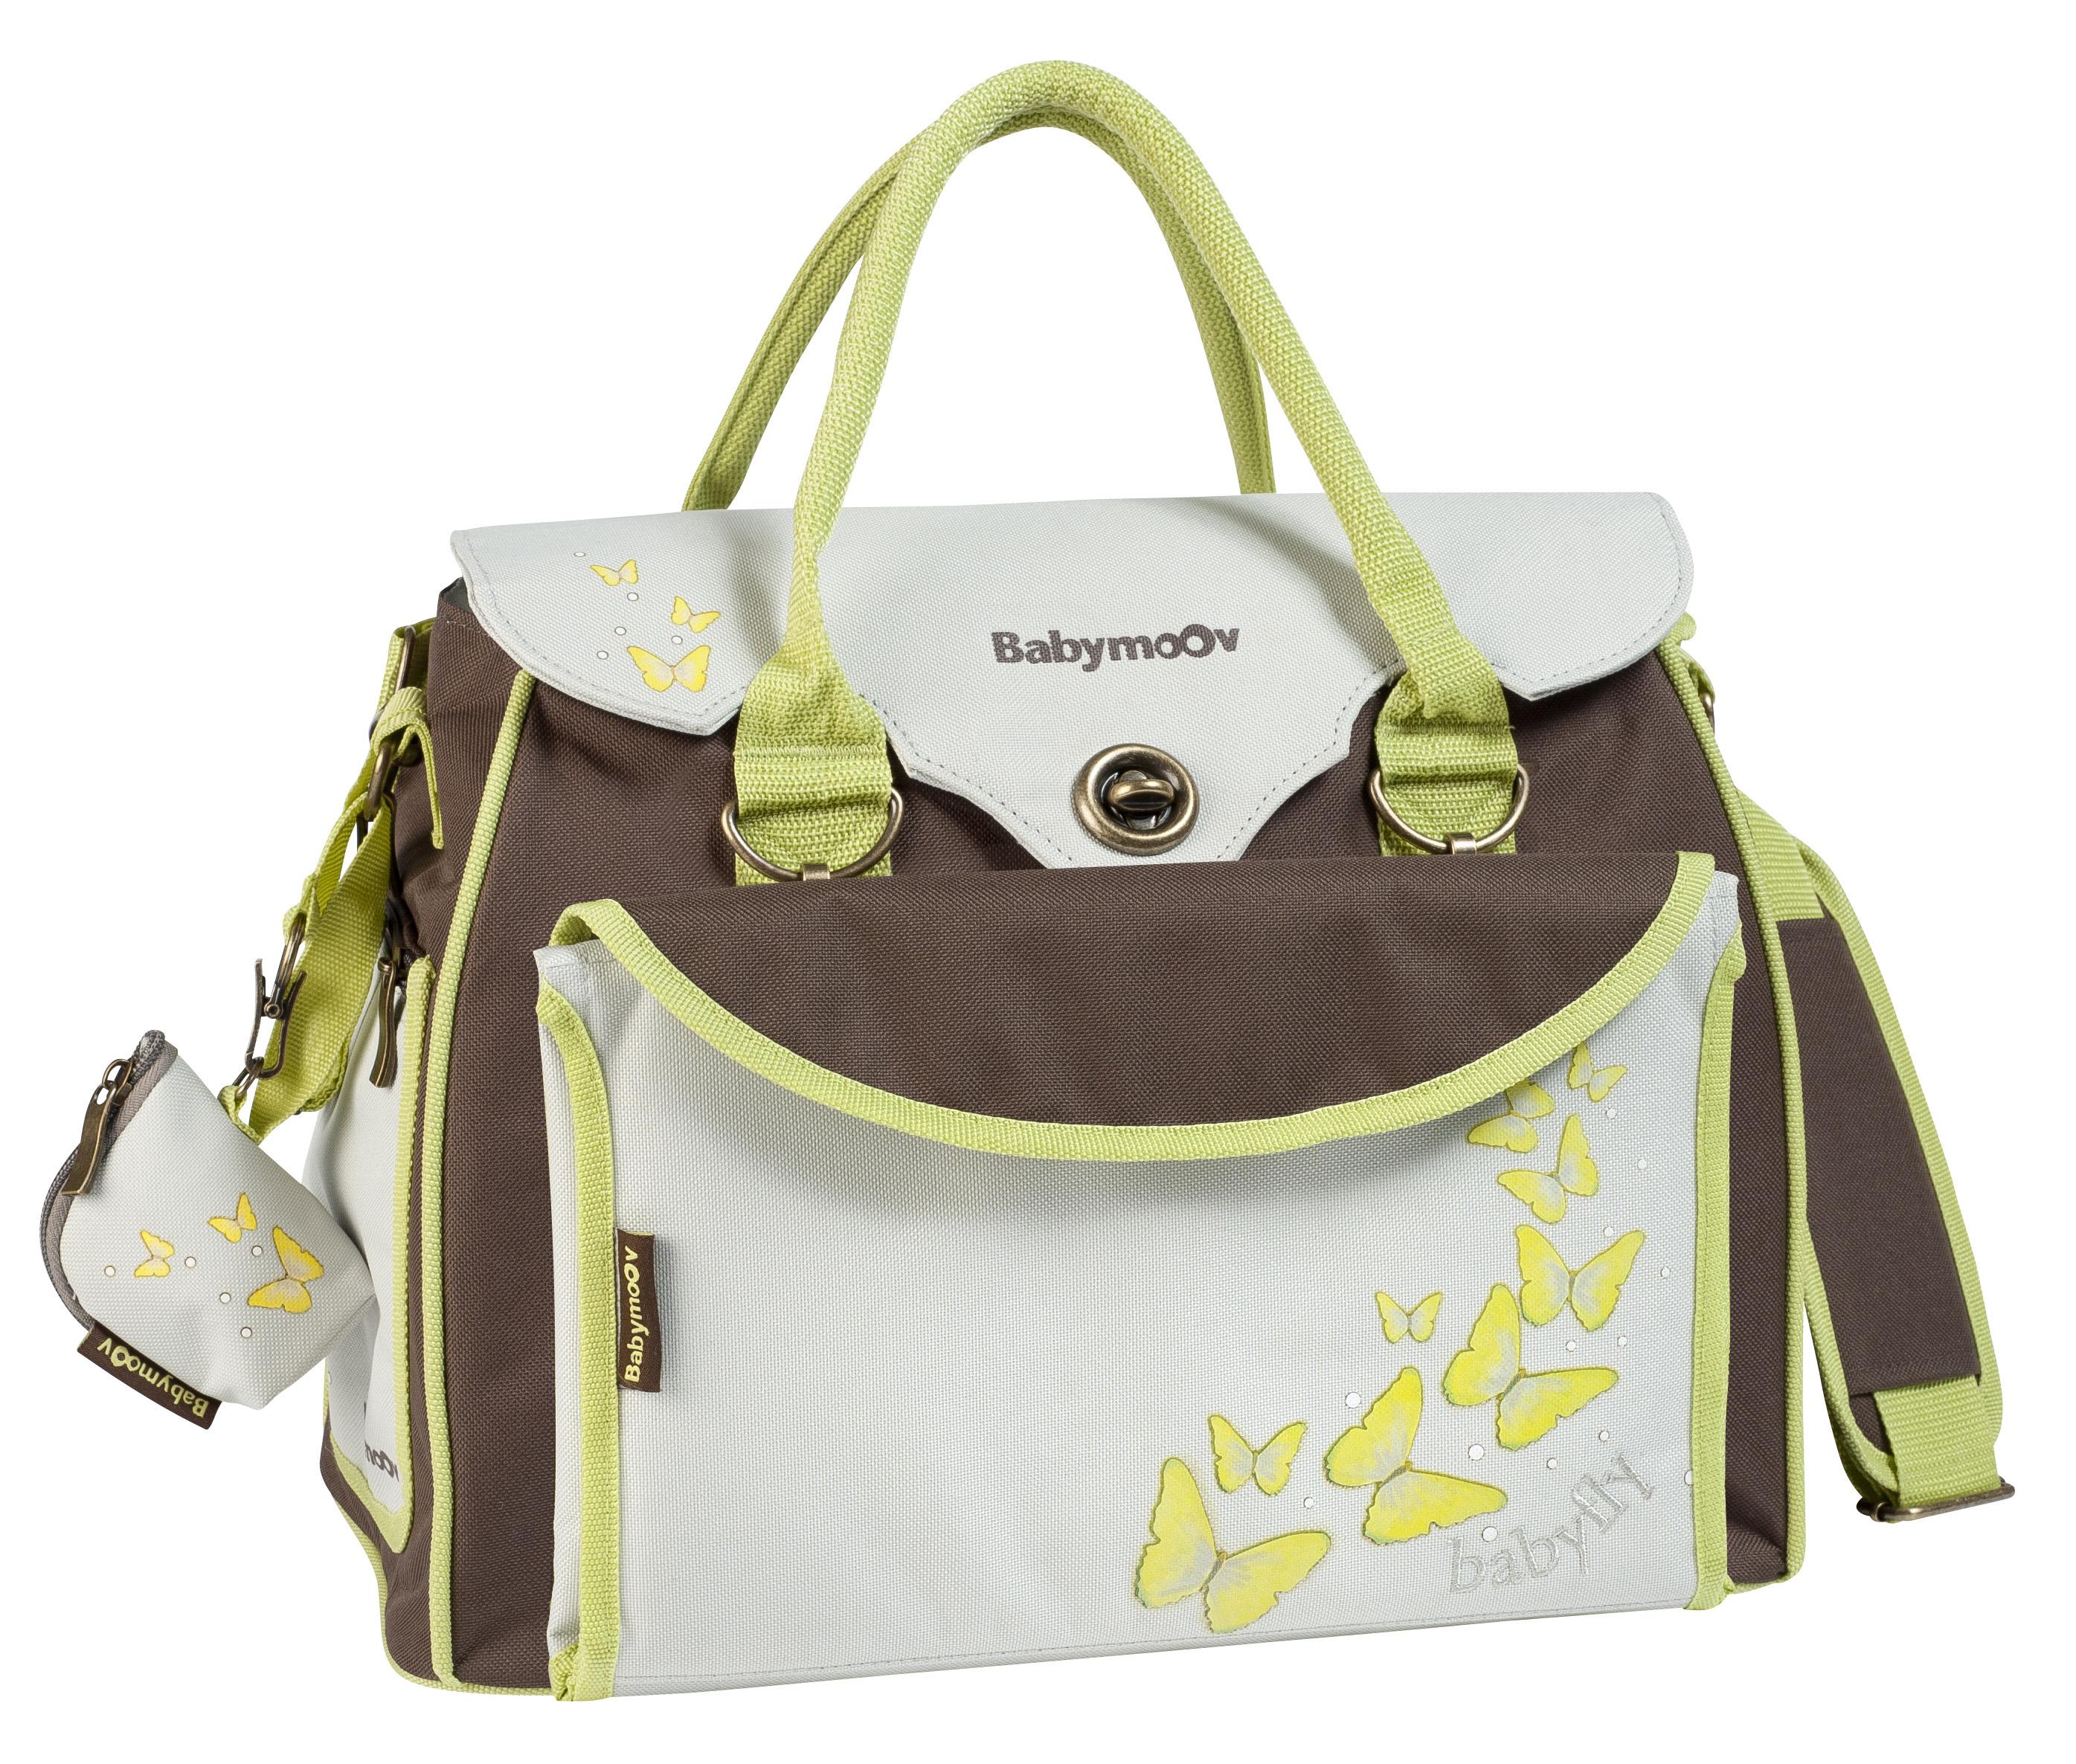 Babymoov Baby Fly Bag